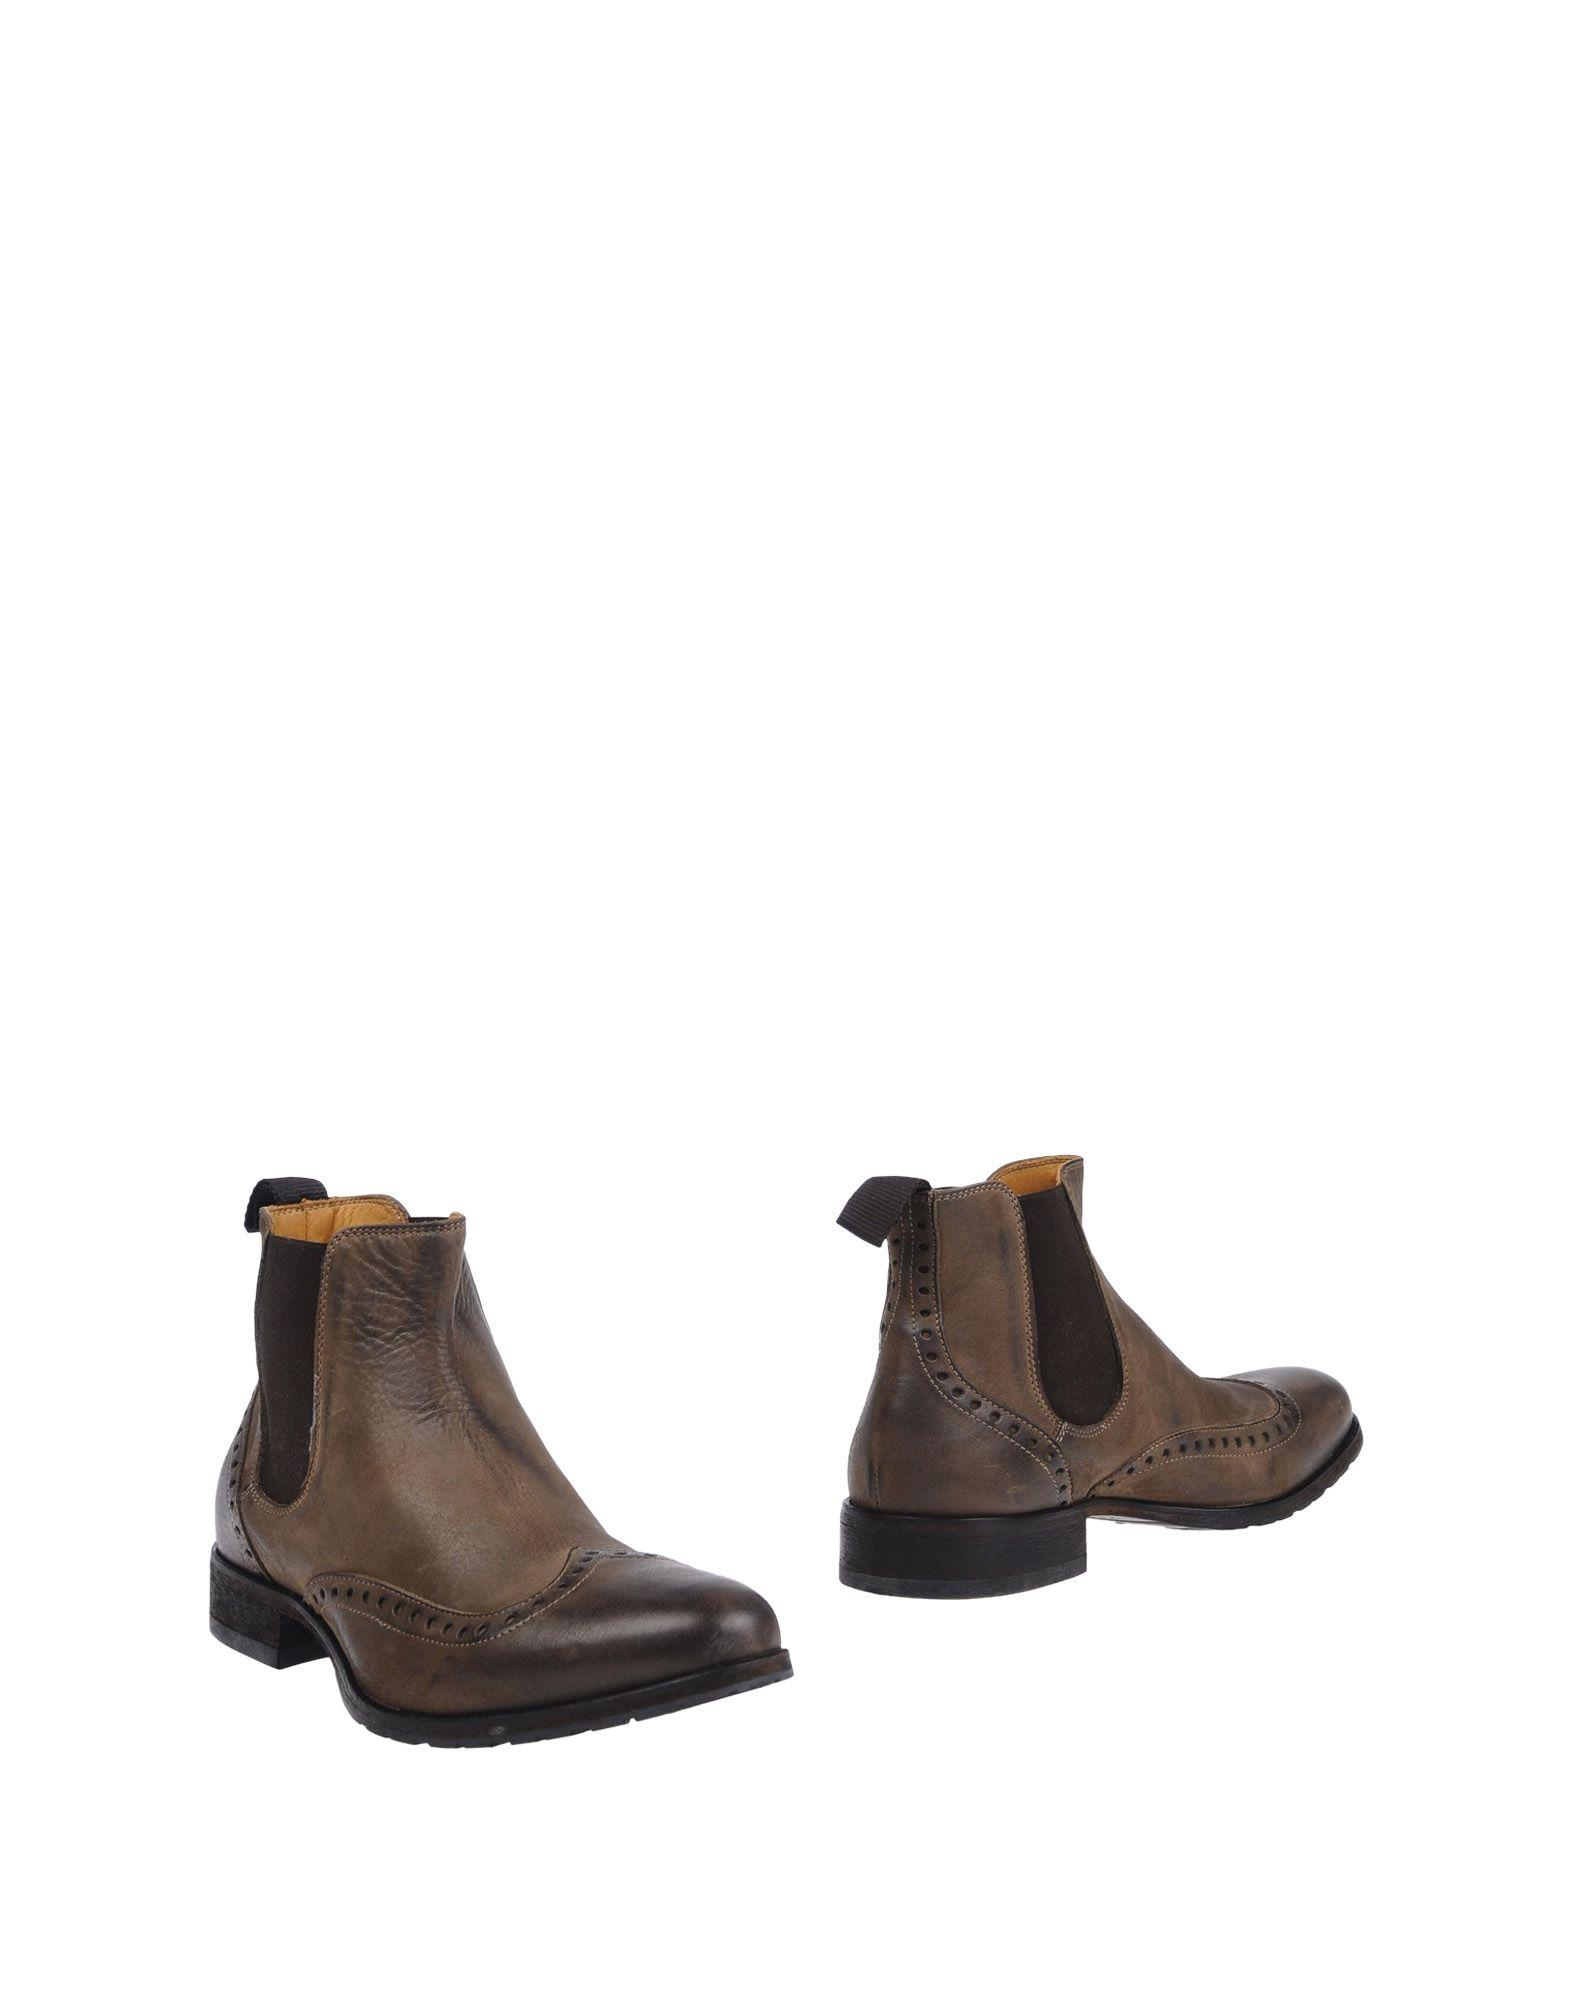 Regard Stiefelette Herren  11231704BF Gute Qualität beliebte Schuhe